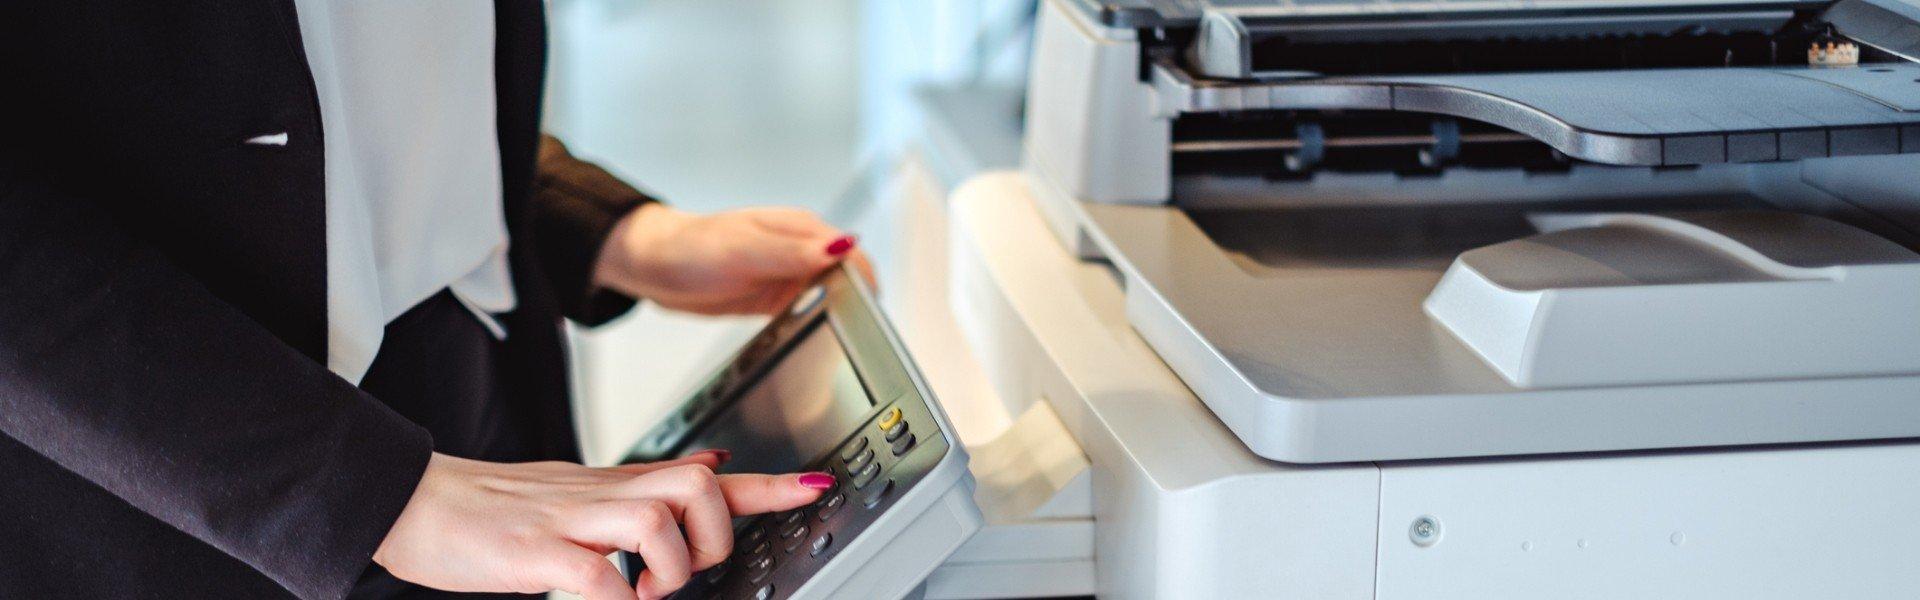 Kobieta dotyka drukarki